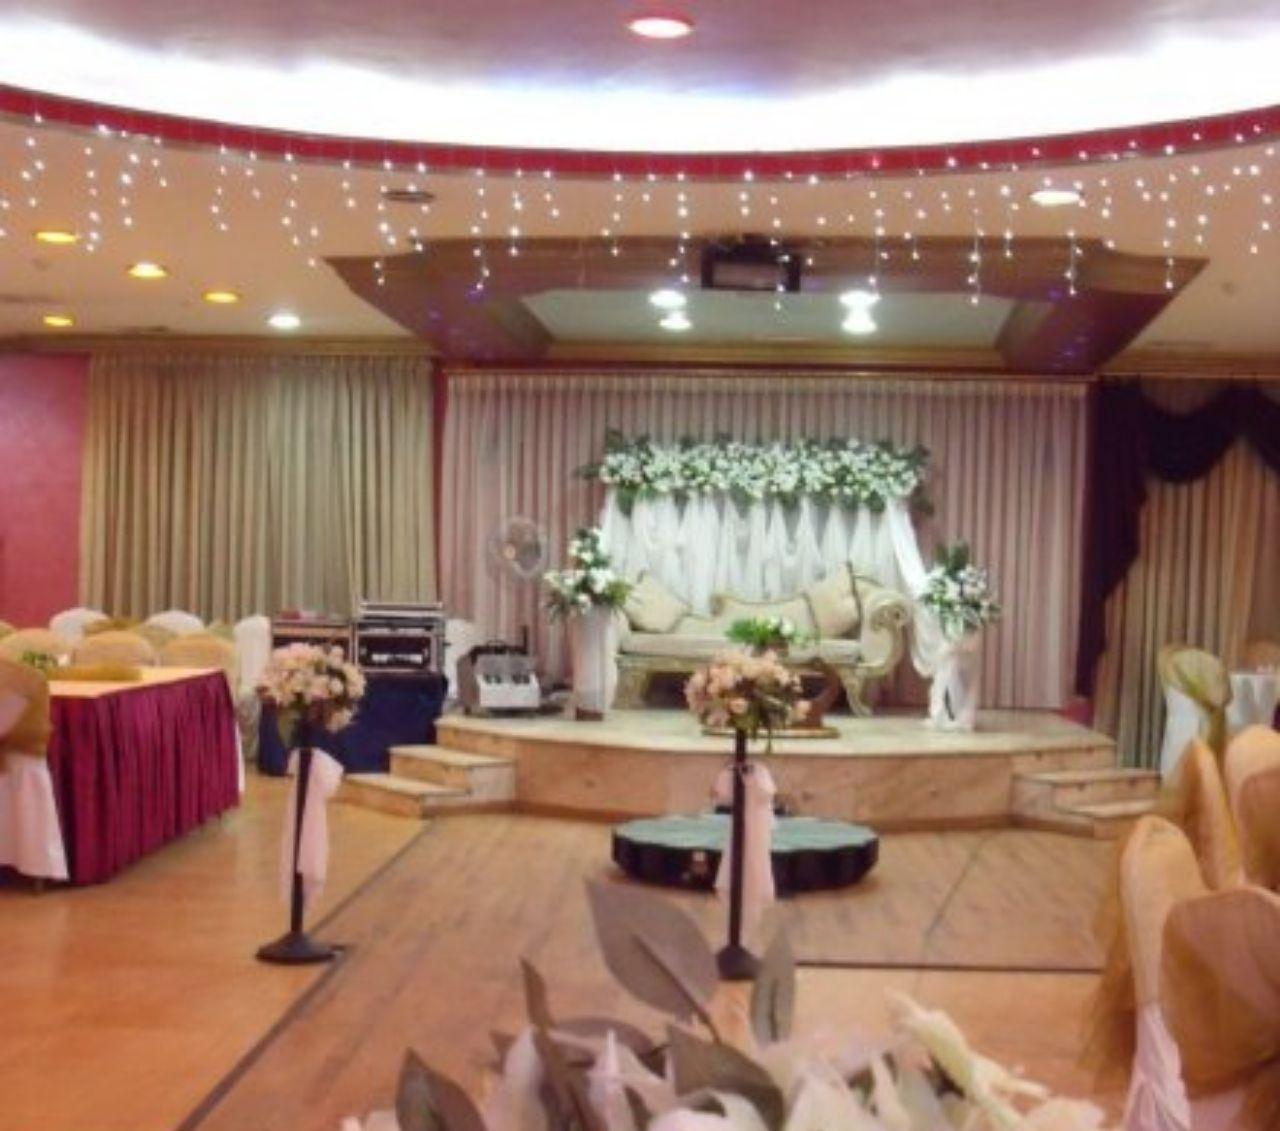 عروس تحتجز المعازيم بحفل زفافها وتستدعي لهم الشرطة